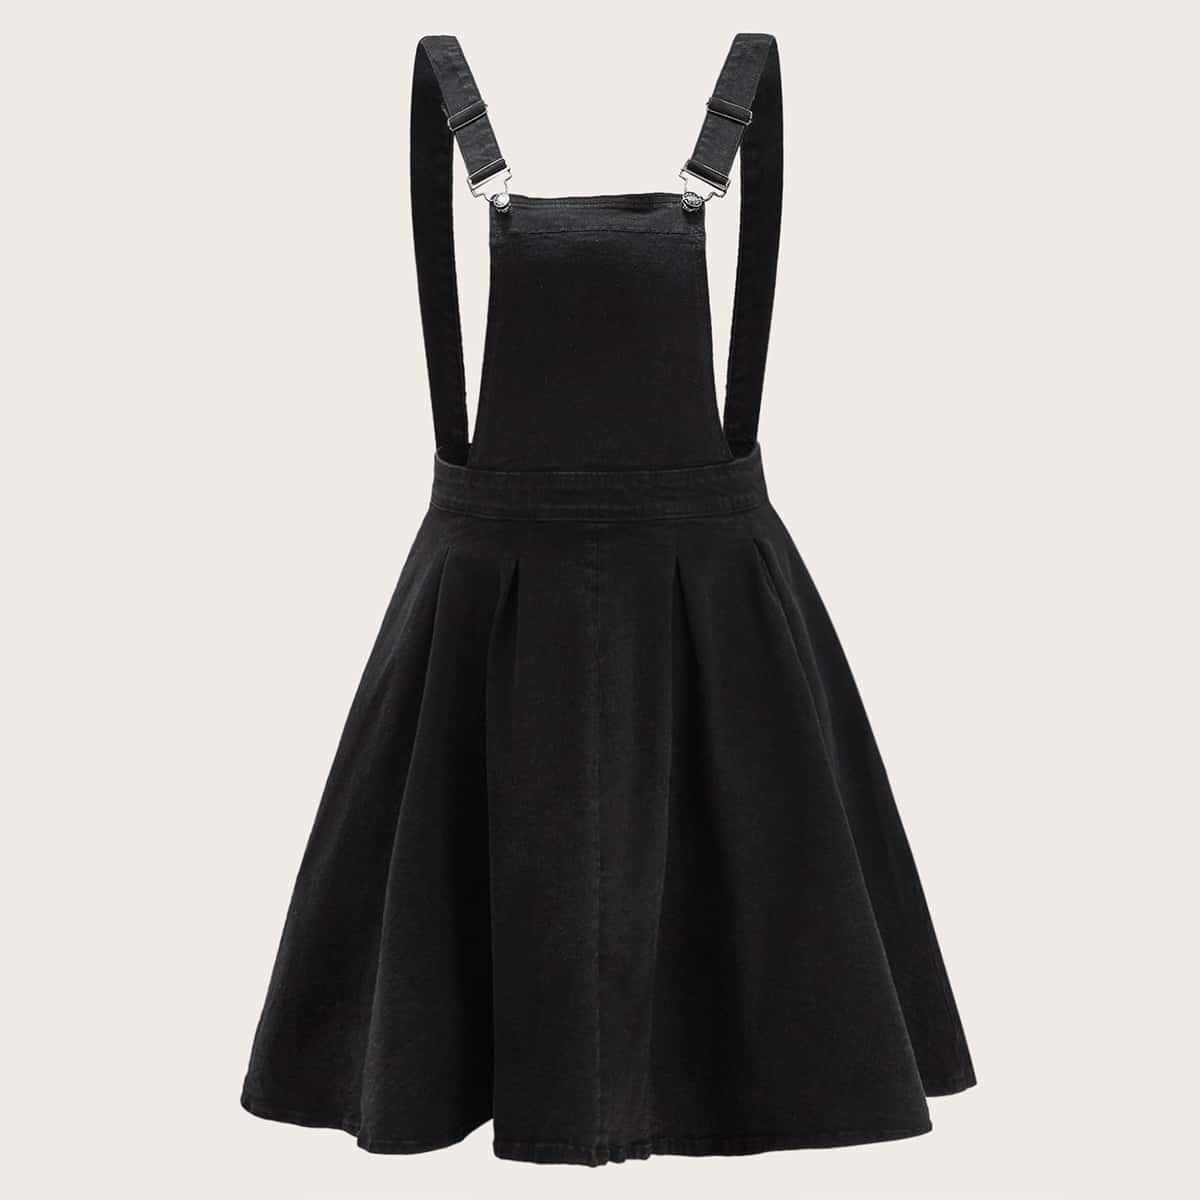 Джинсовое платье-сарафна размера плюс